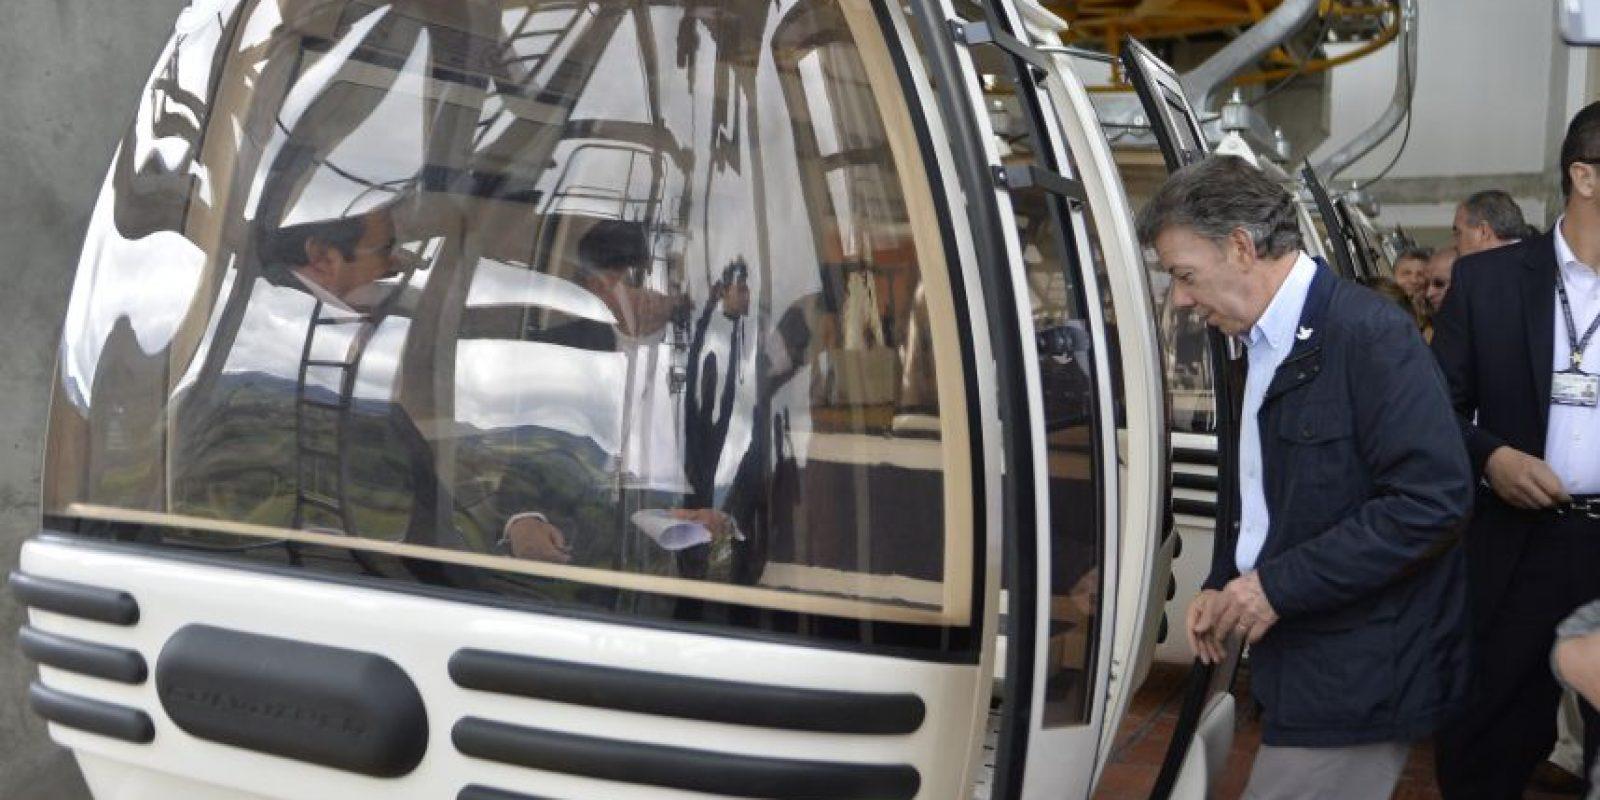 El teleférico tiene 1350 metros de longitud y salva un desnivel de 350 metros Foto:Presidencia